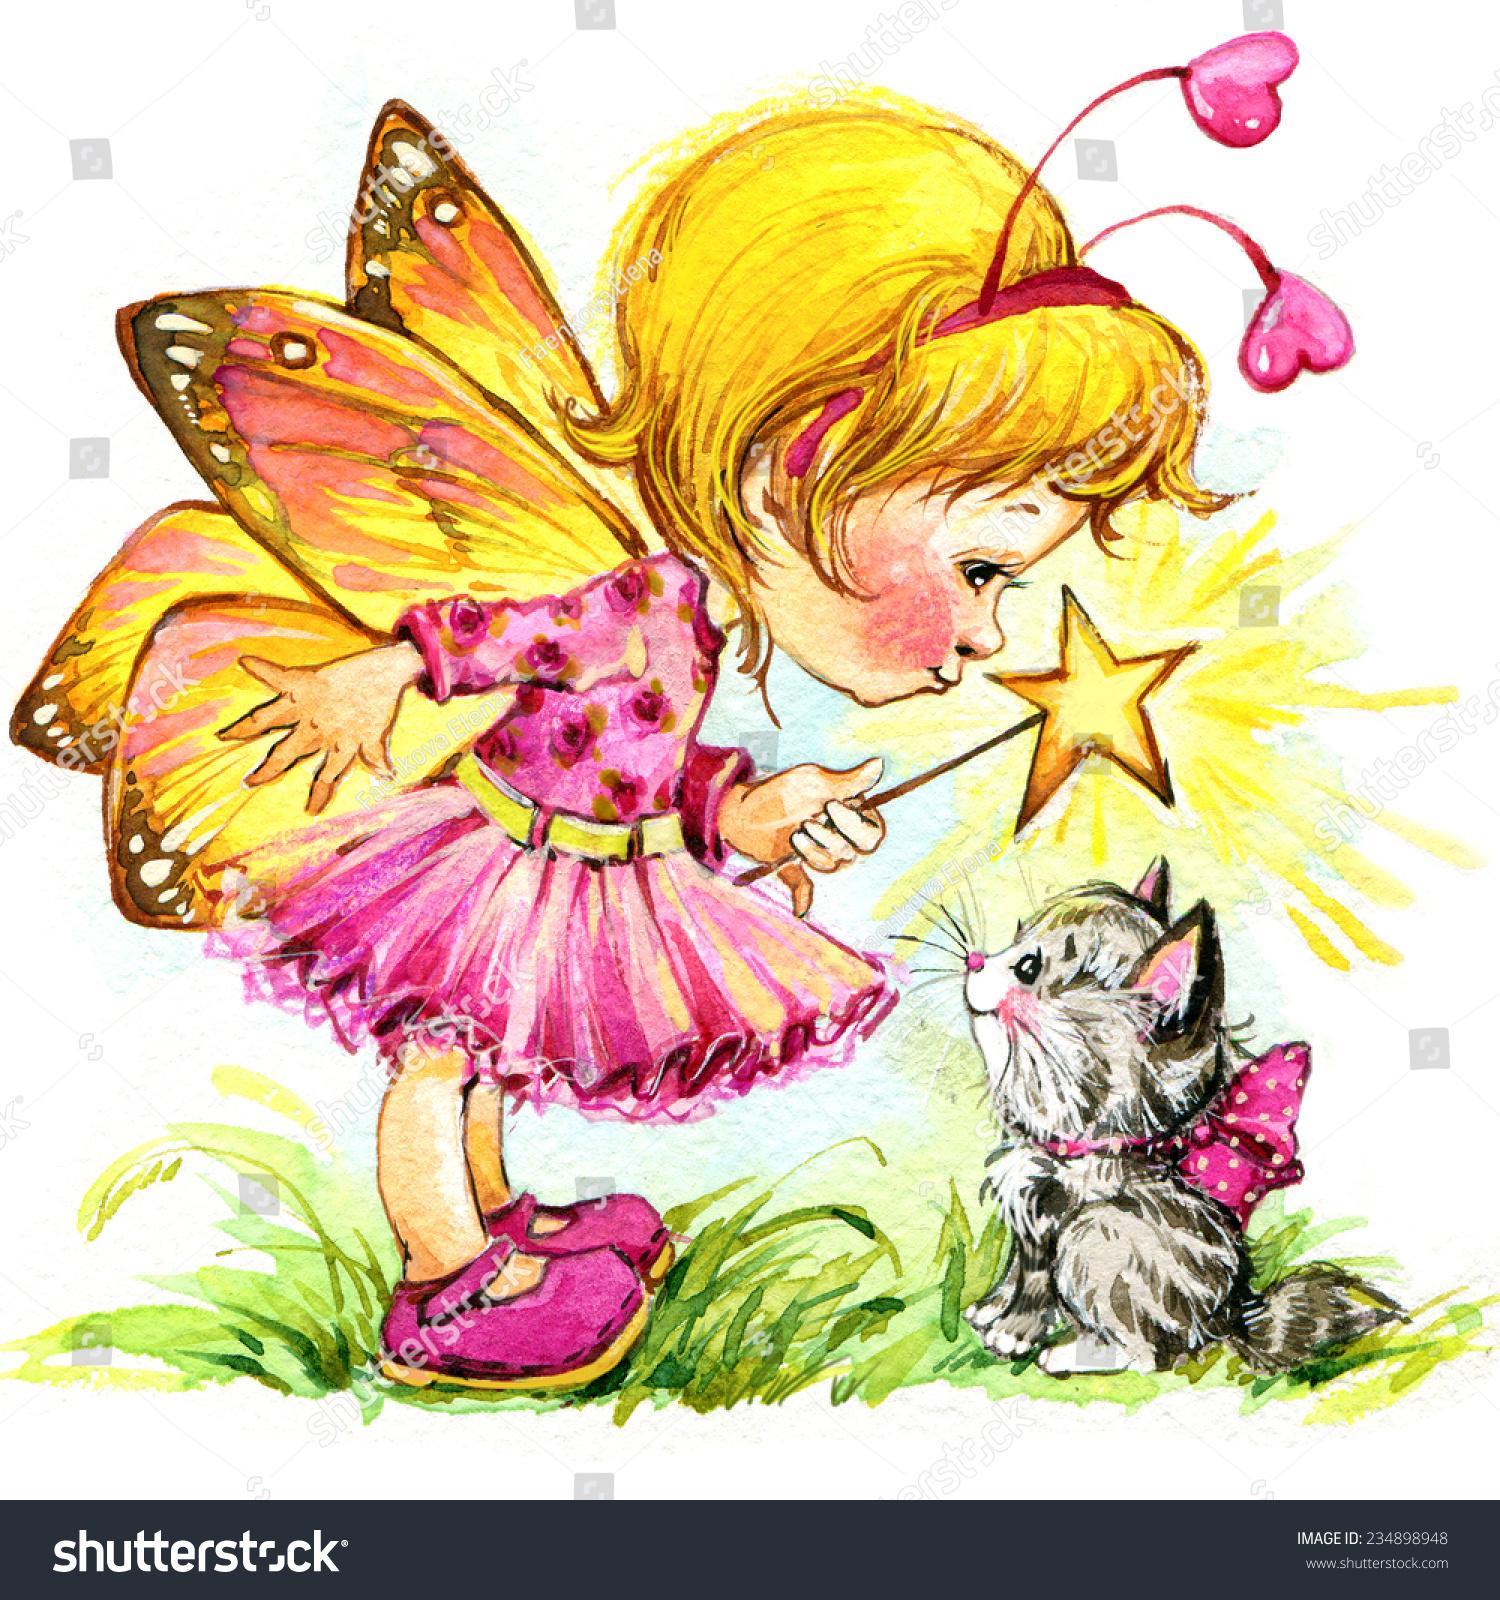 孩子的童话背景.水彩绘画